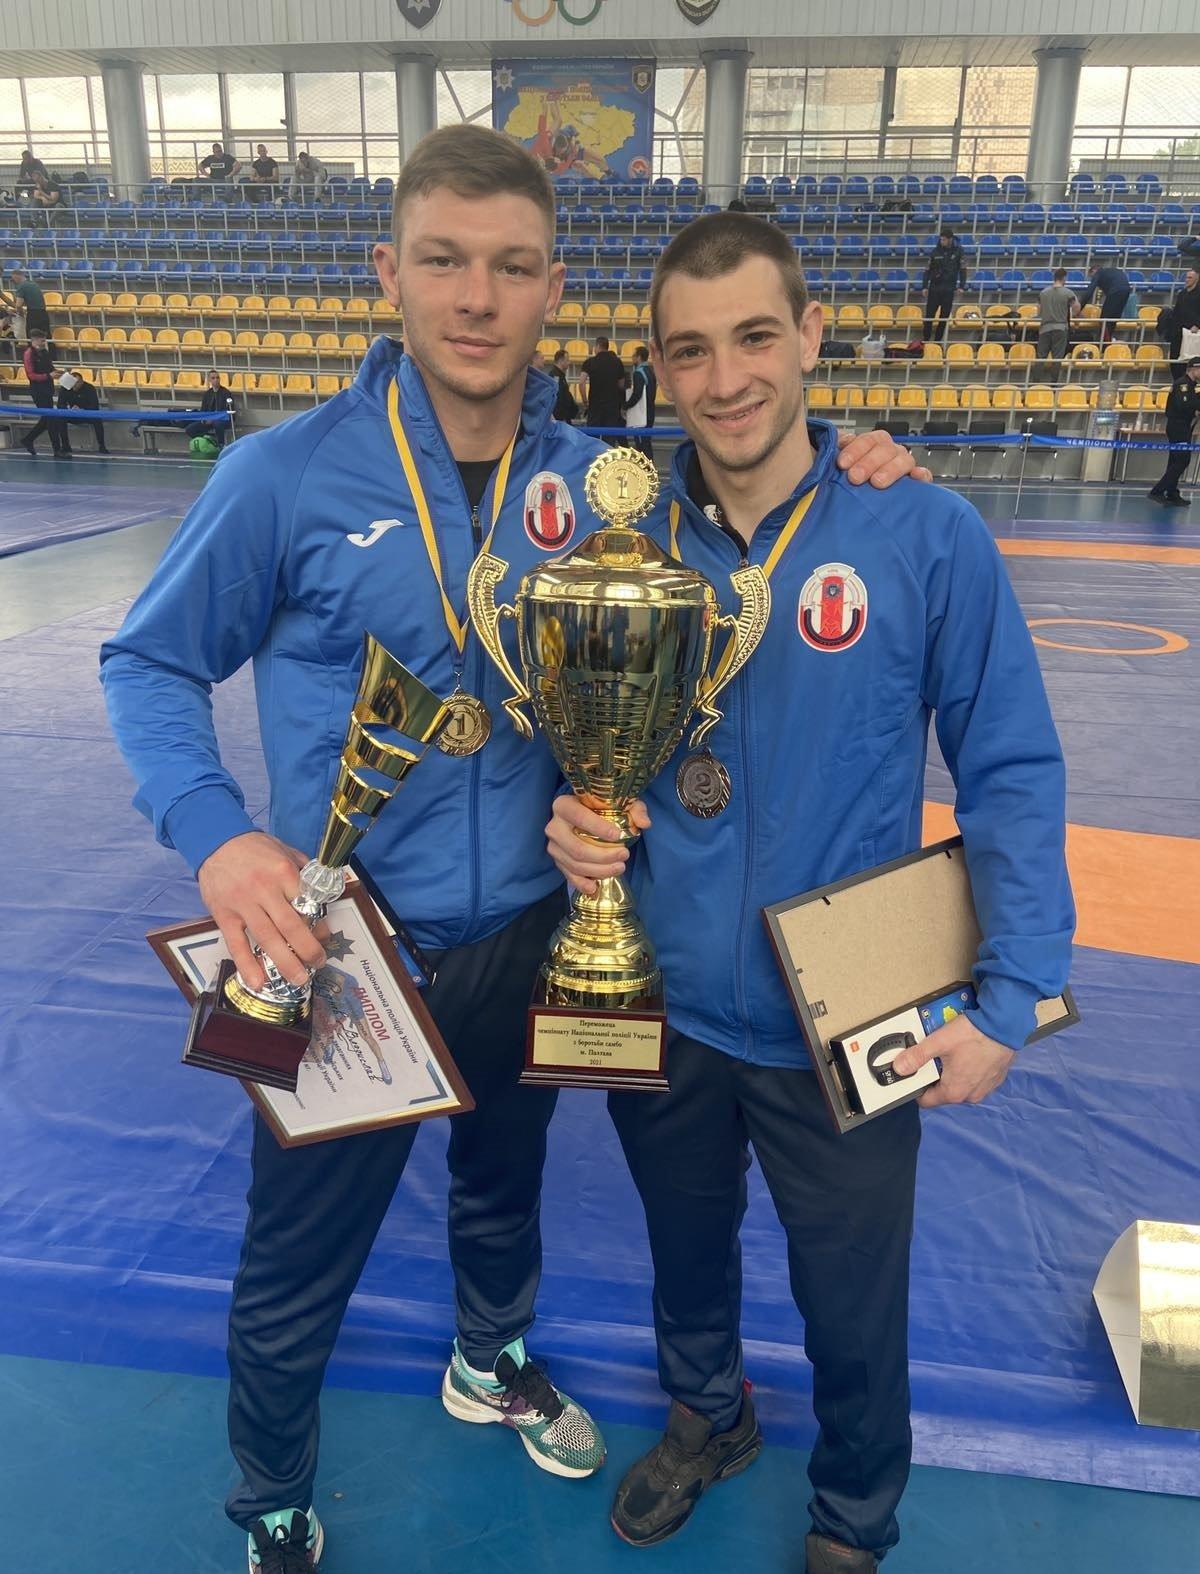 Друга участь і перемога: поліцейський з Лозової отримав нагороду на чемпіонаті з самбо, фото-3